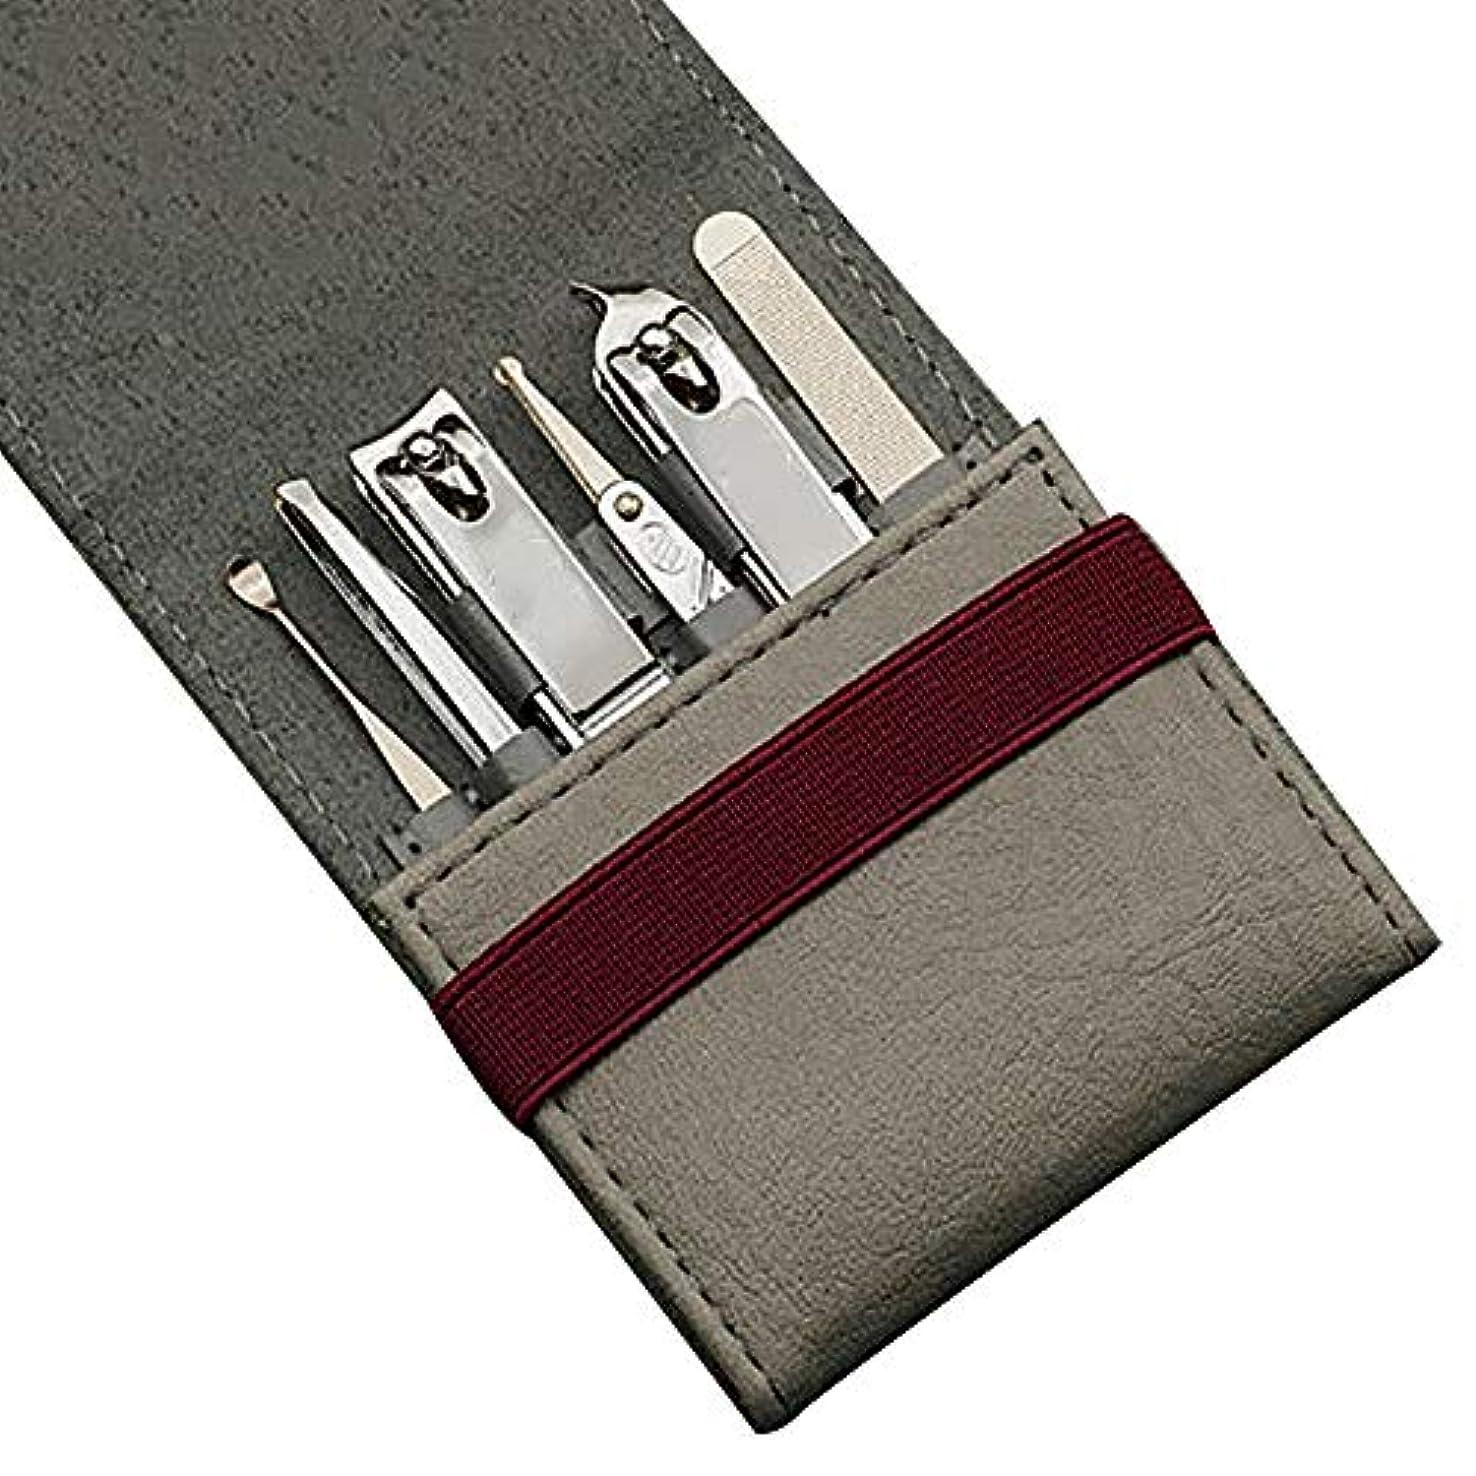 ゴミこするポータル爪切りセットステンレス爪切り高級グレーPUレザーケース付き、6点セット